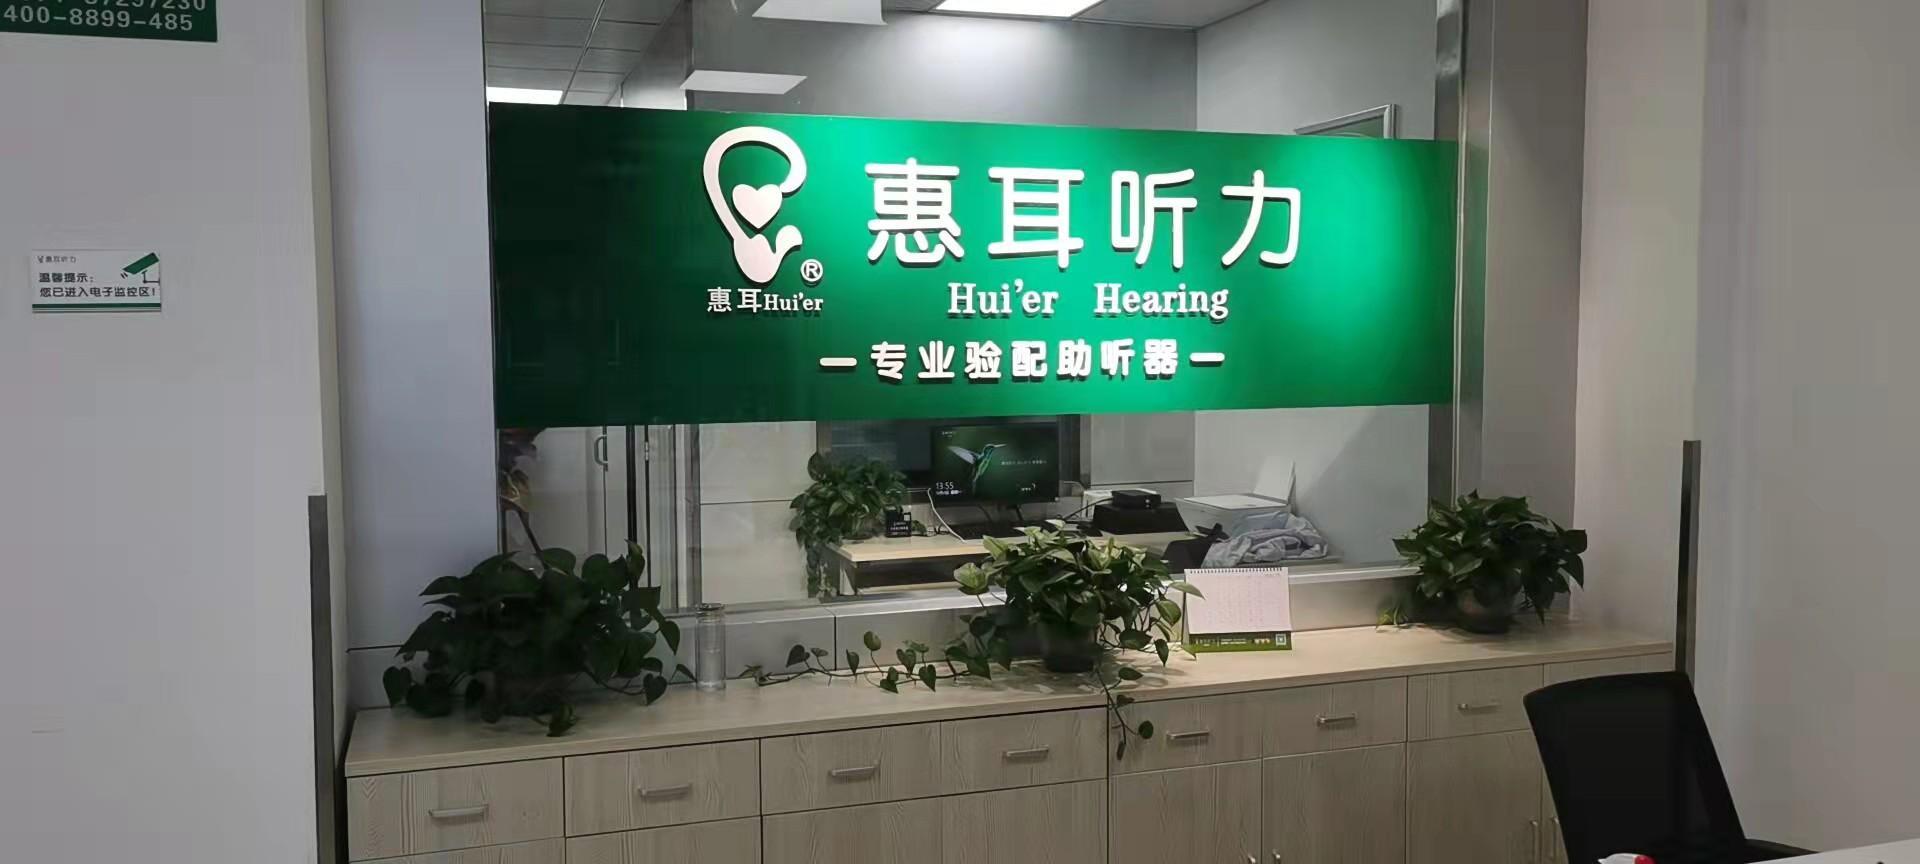 郑州杰闻医疗器械有限公司焦作分公司